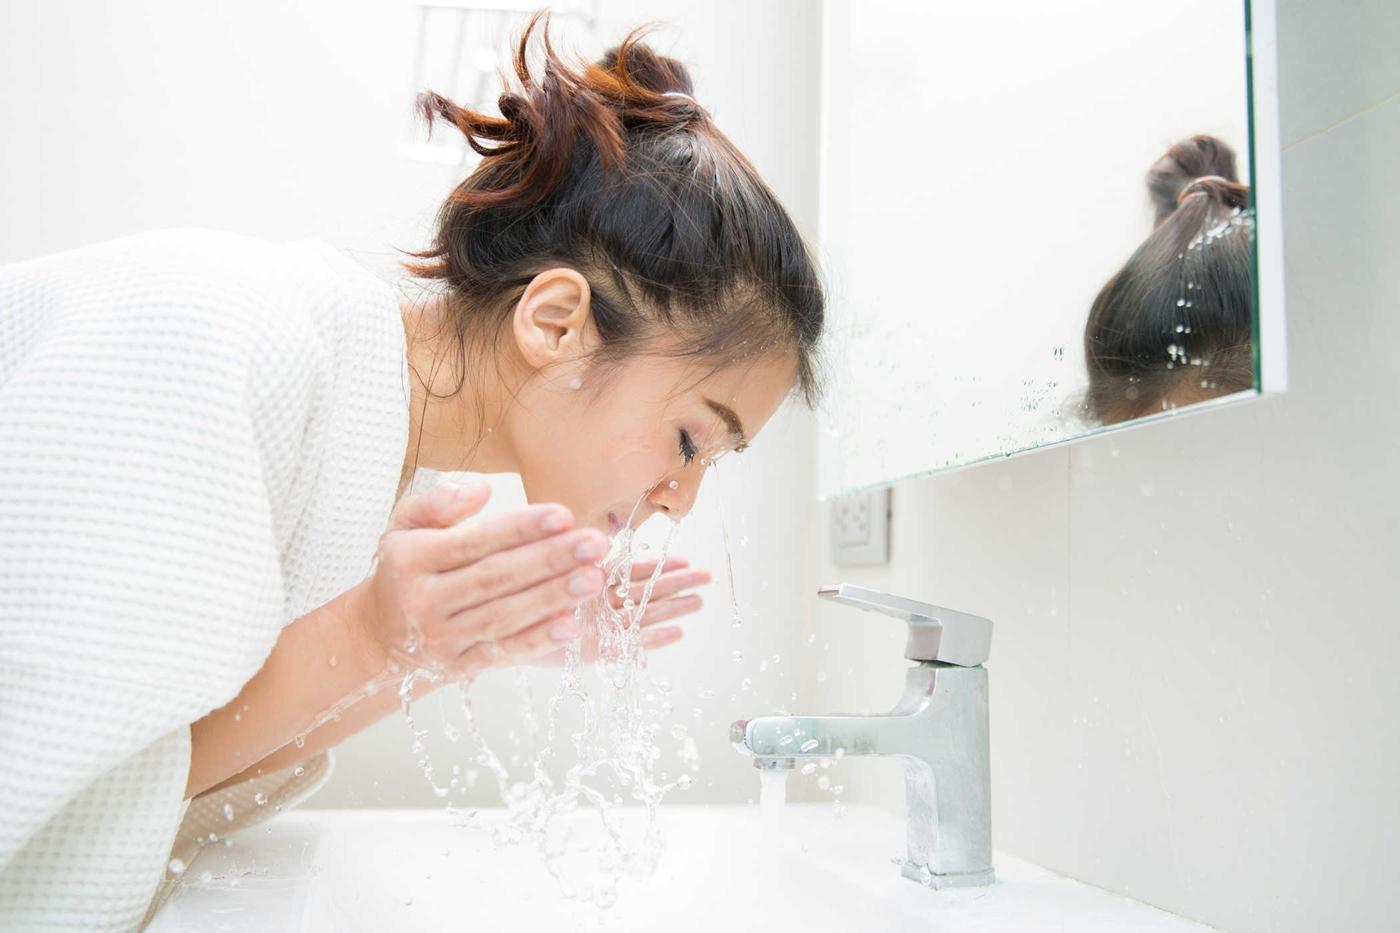 Khi bôi lại kem chống nắng, nên rửa mặt và tẩy trang sạch ẽ